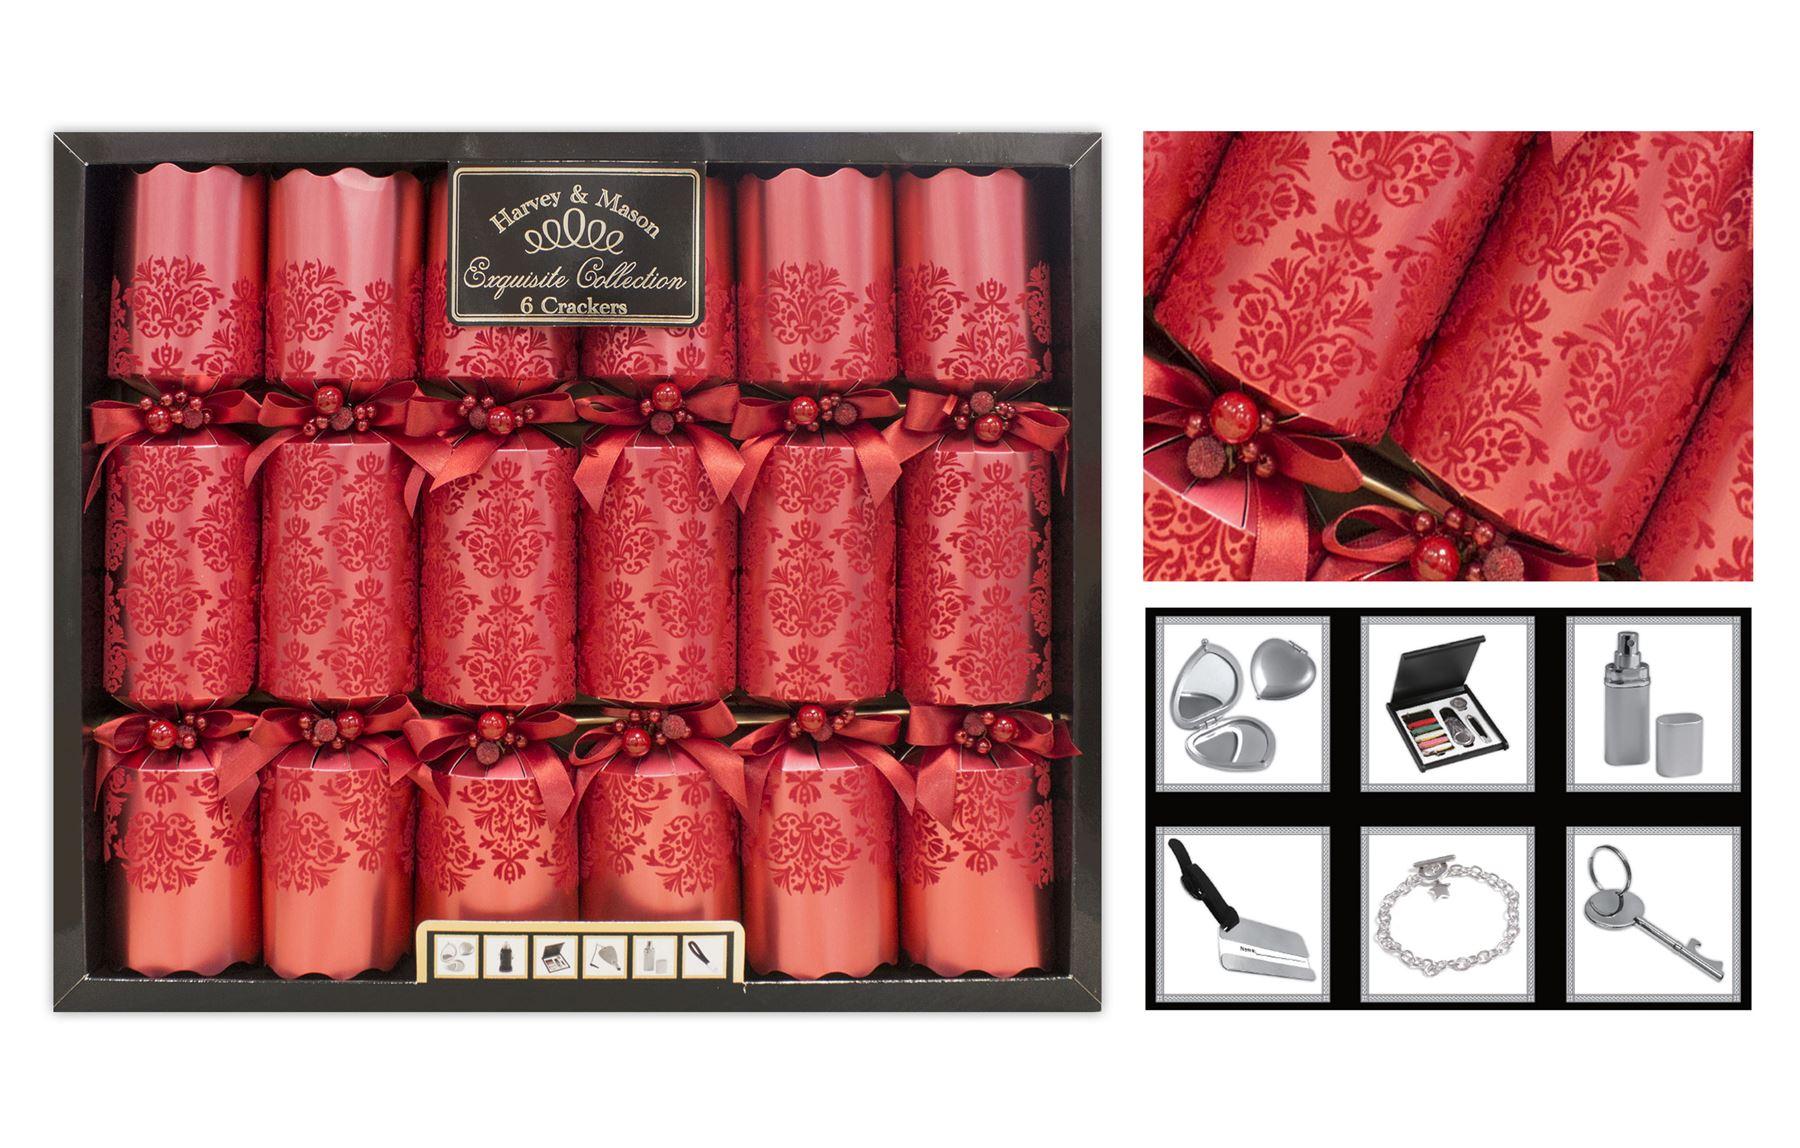 Christmas-Crackers-Box-of-6-Luxury-Exquisite-Range-Harvey-Mason-13-5-039-Barrelled